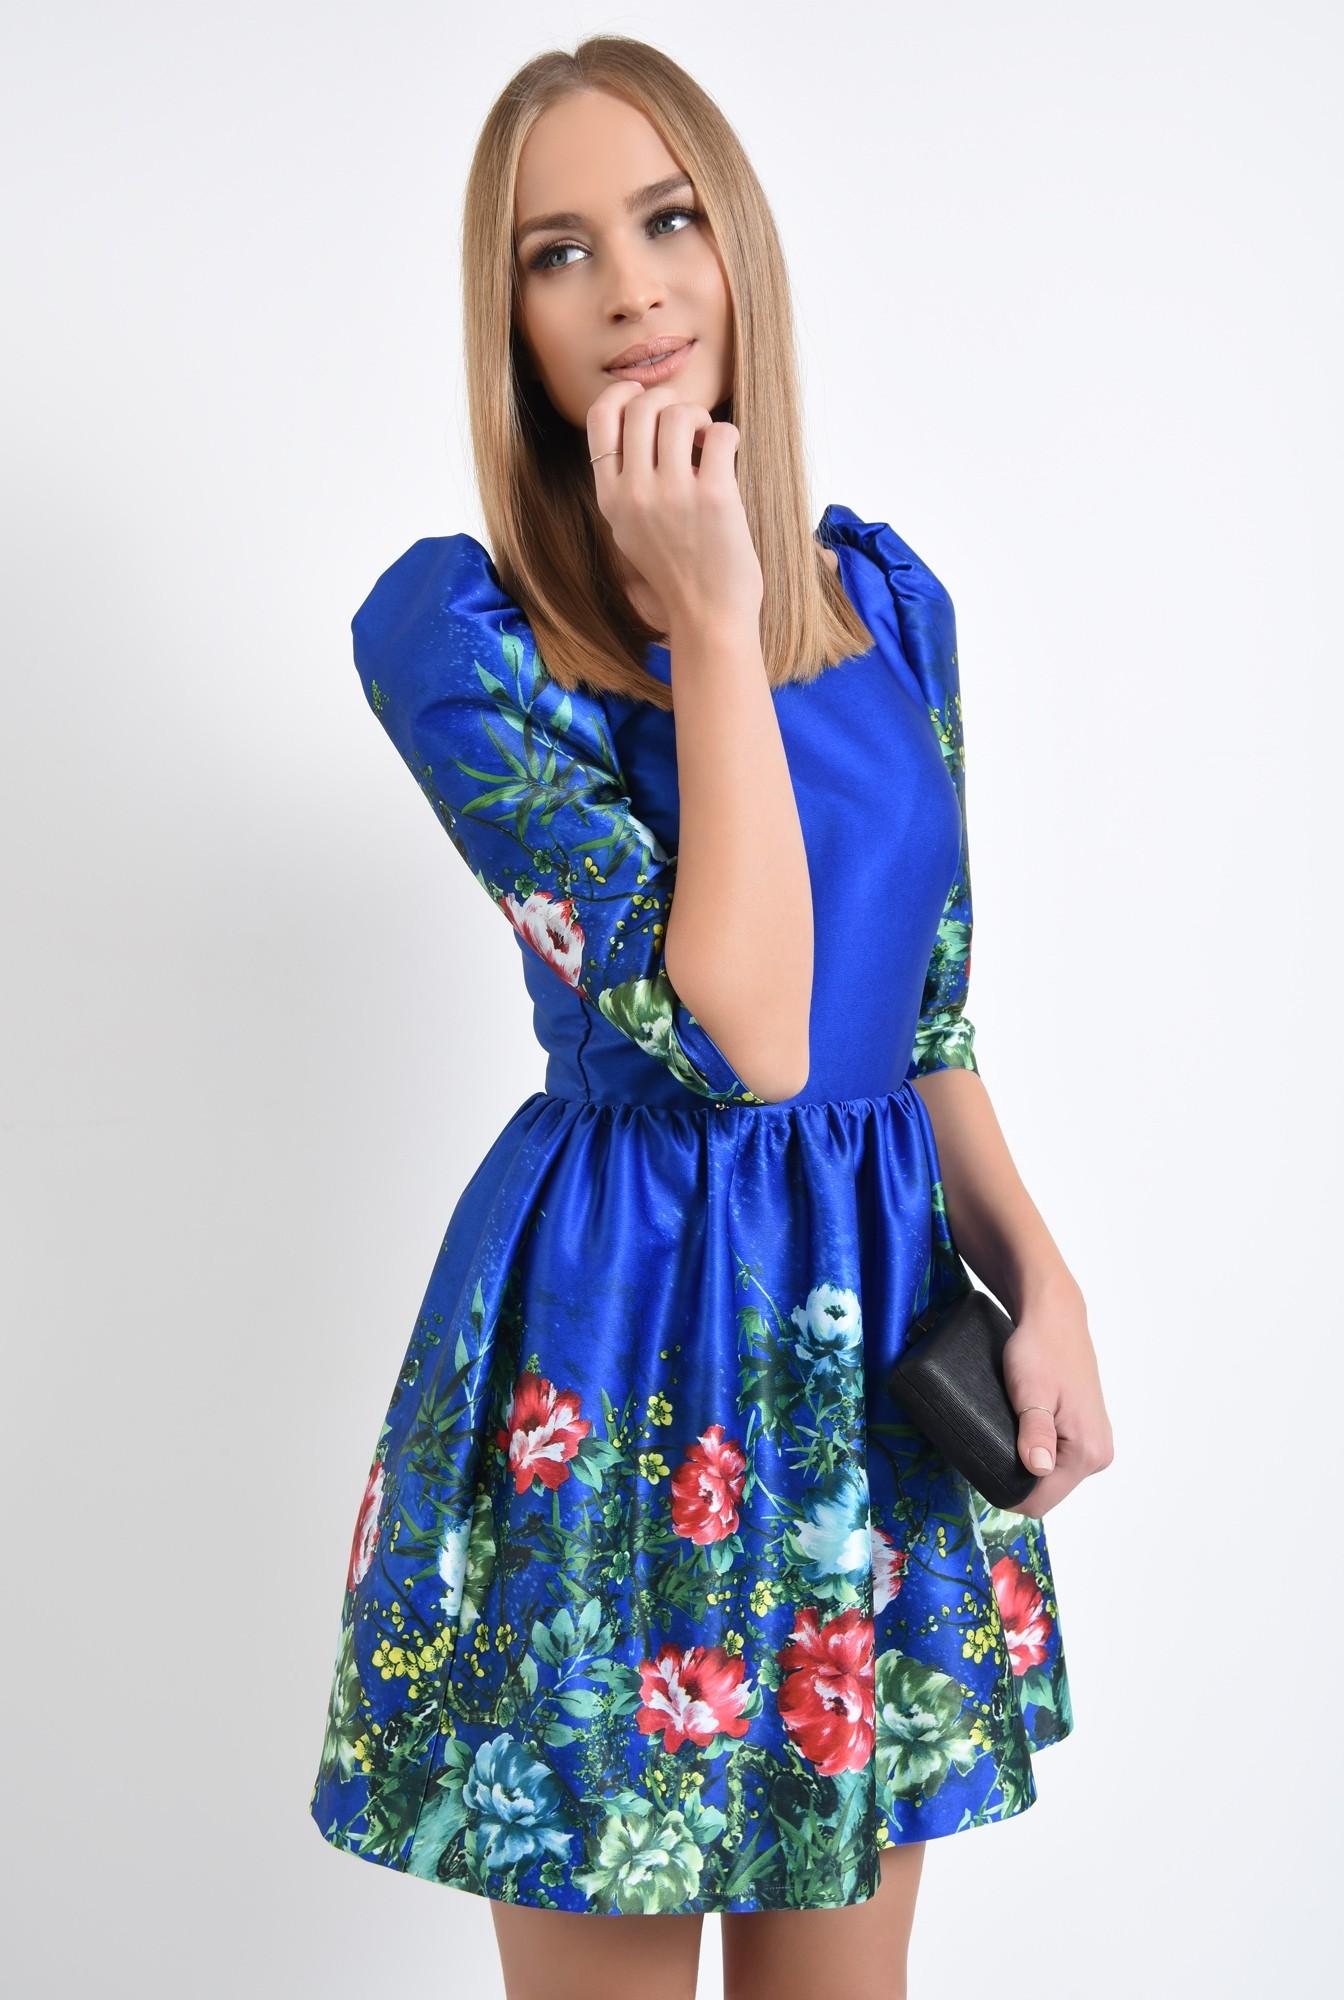 2 - rochie de ocazie, tafta cu imprimeu, albastru, flori